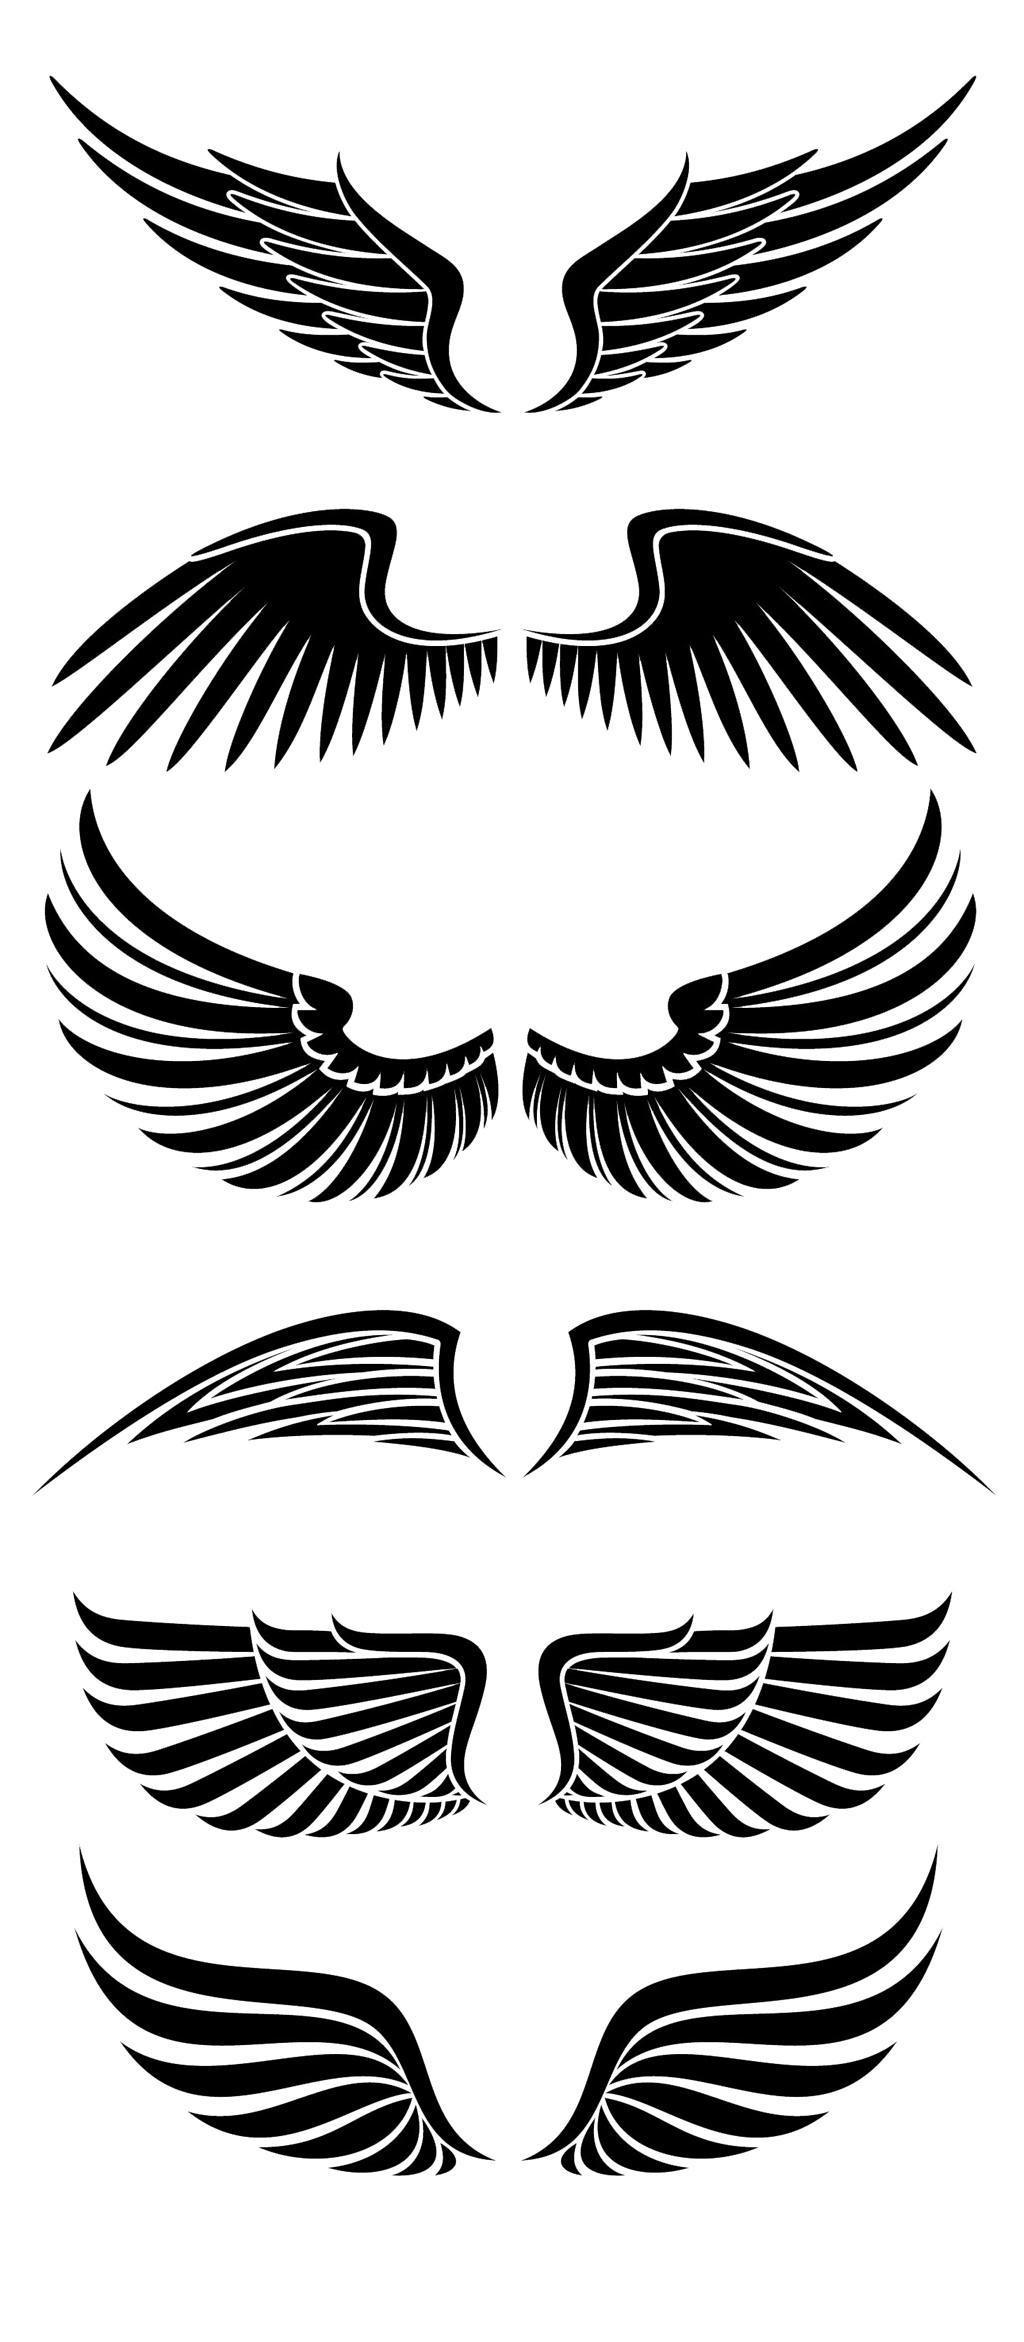 卡通手绘天使翅膀剪影